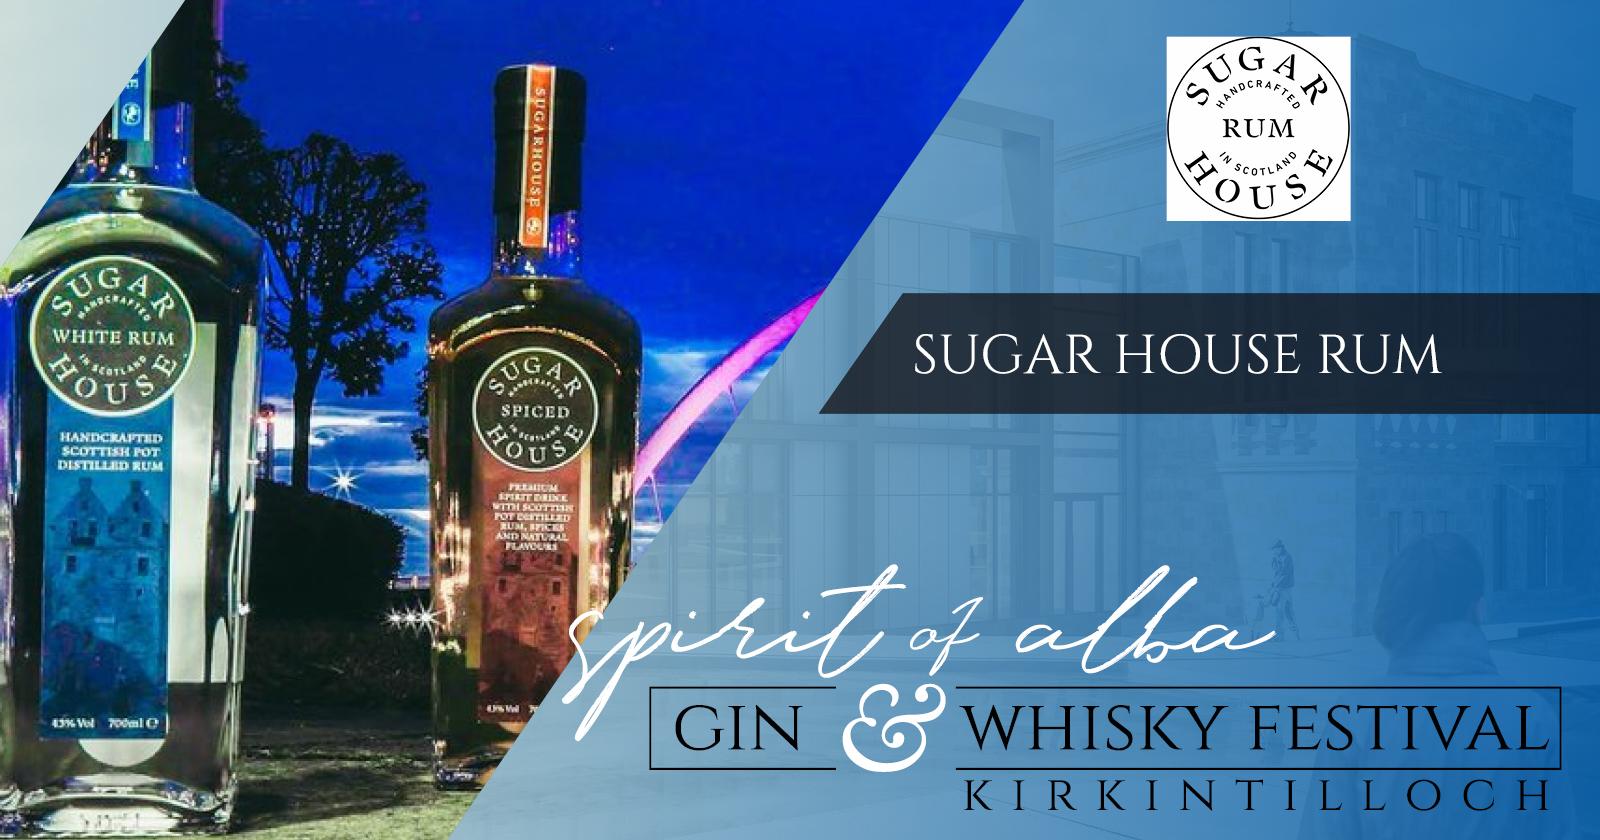 Sugar House Rum